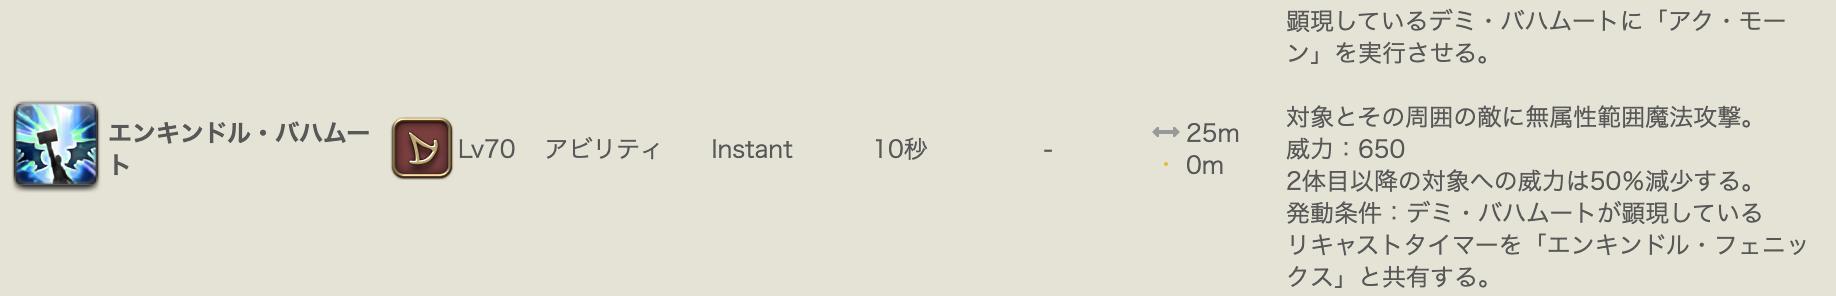 士 50 回し 召喚 スキル Ff14